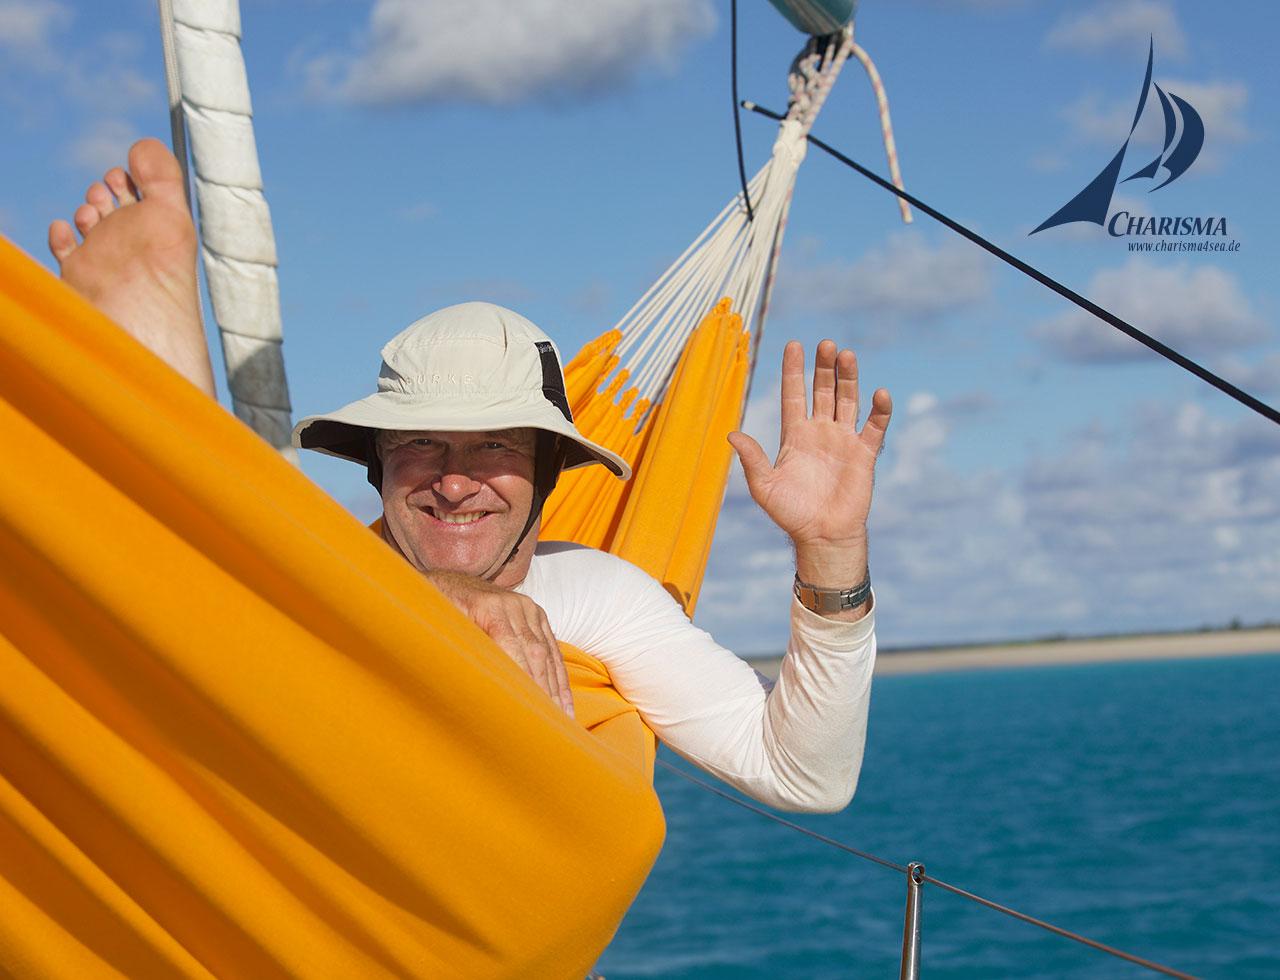 Charisma vor Anker, Barbuda